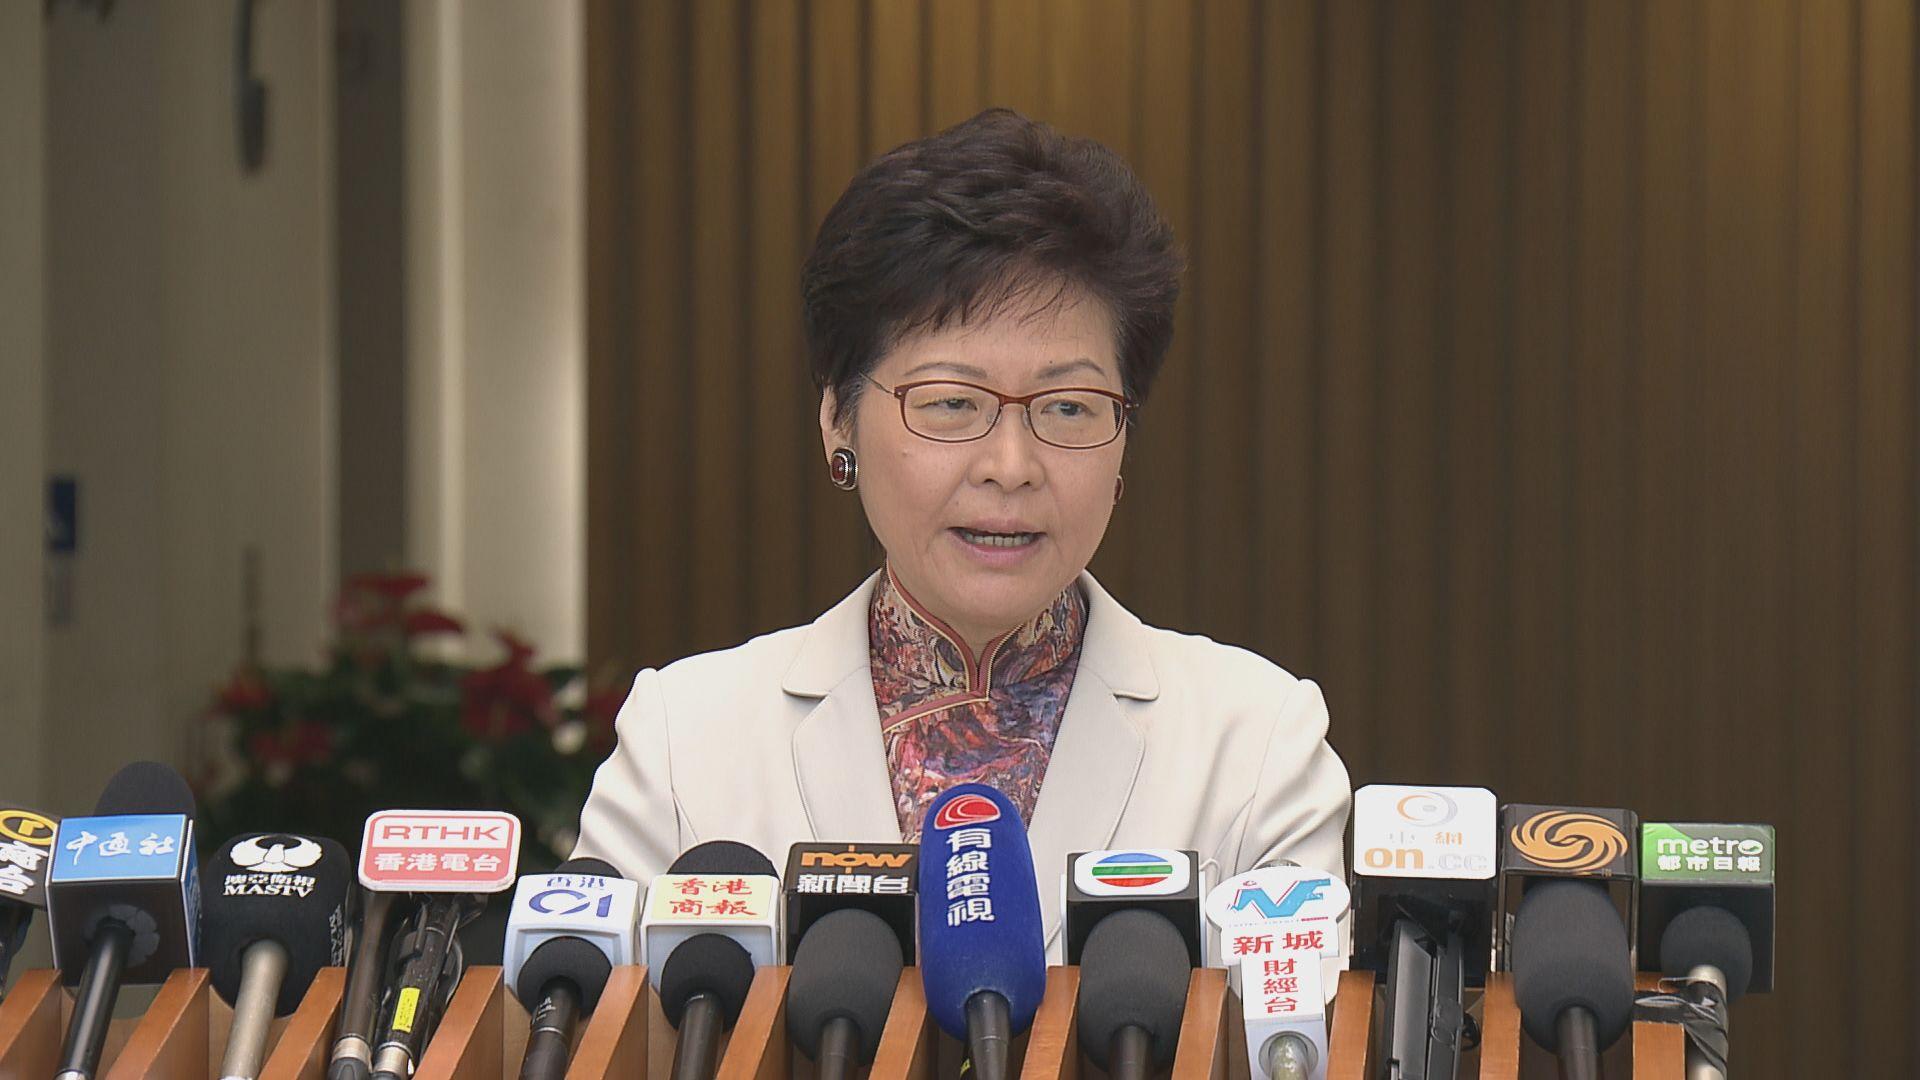 林鄭月娥對吳秋北批法官言論表示遺憾